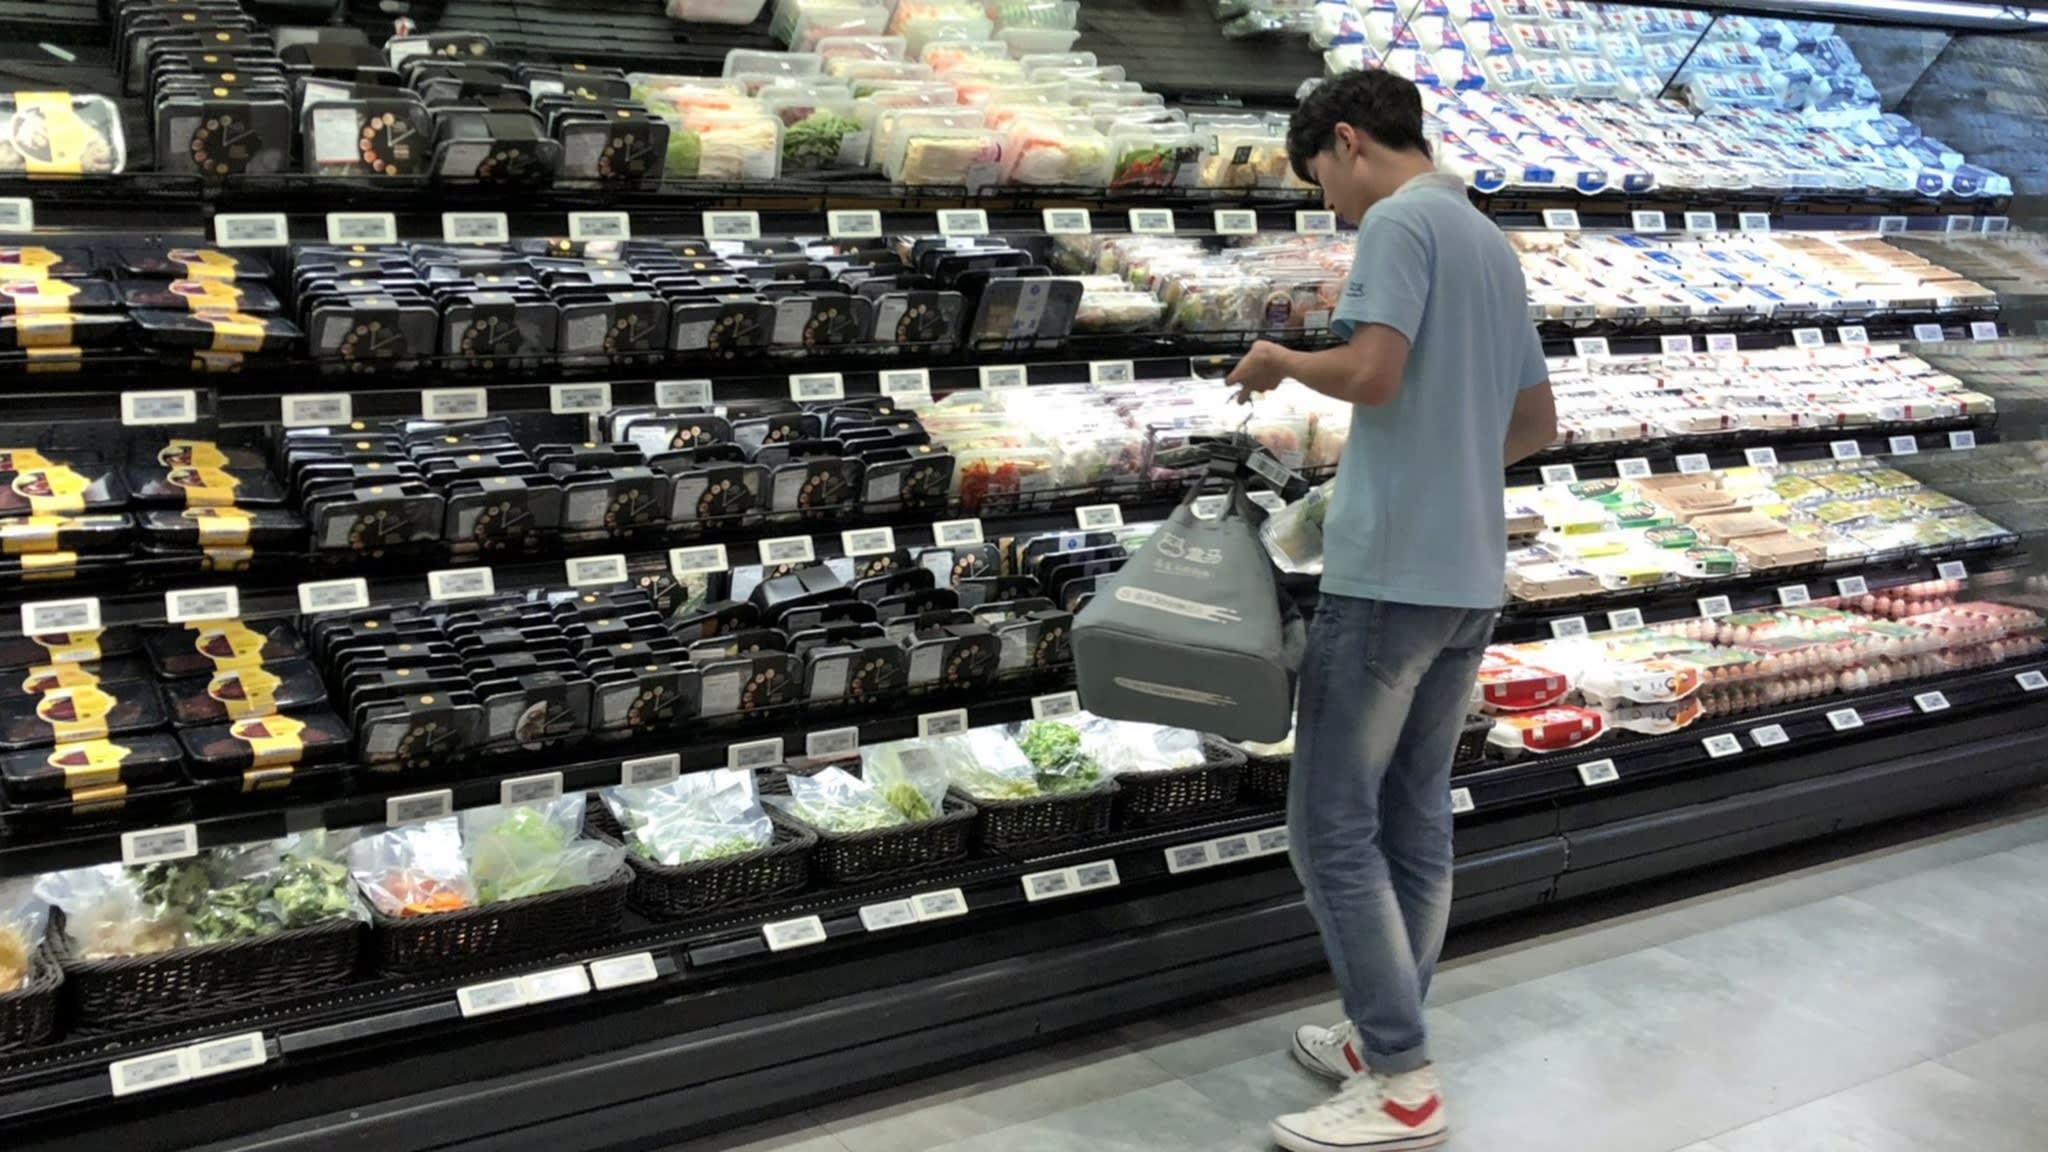 Sữa chua Vinamilk đã có mặt tại siêu thị thông minh Hema của Alibaba tại Trung Quốc  - Ảnh 3